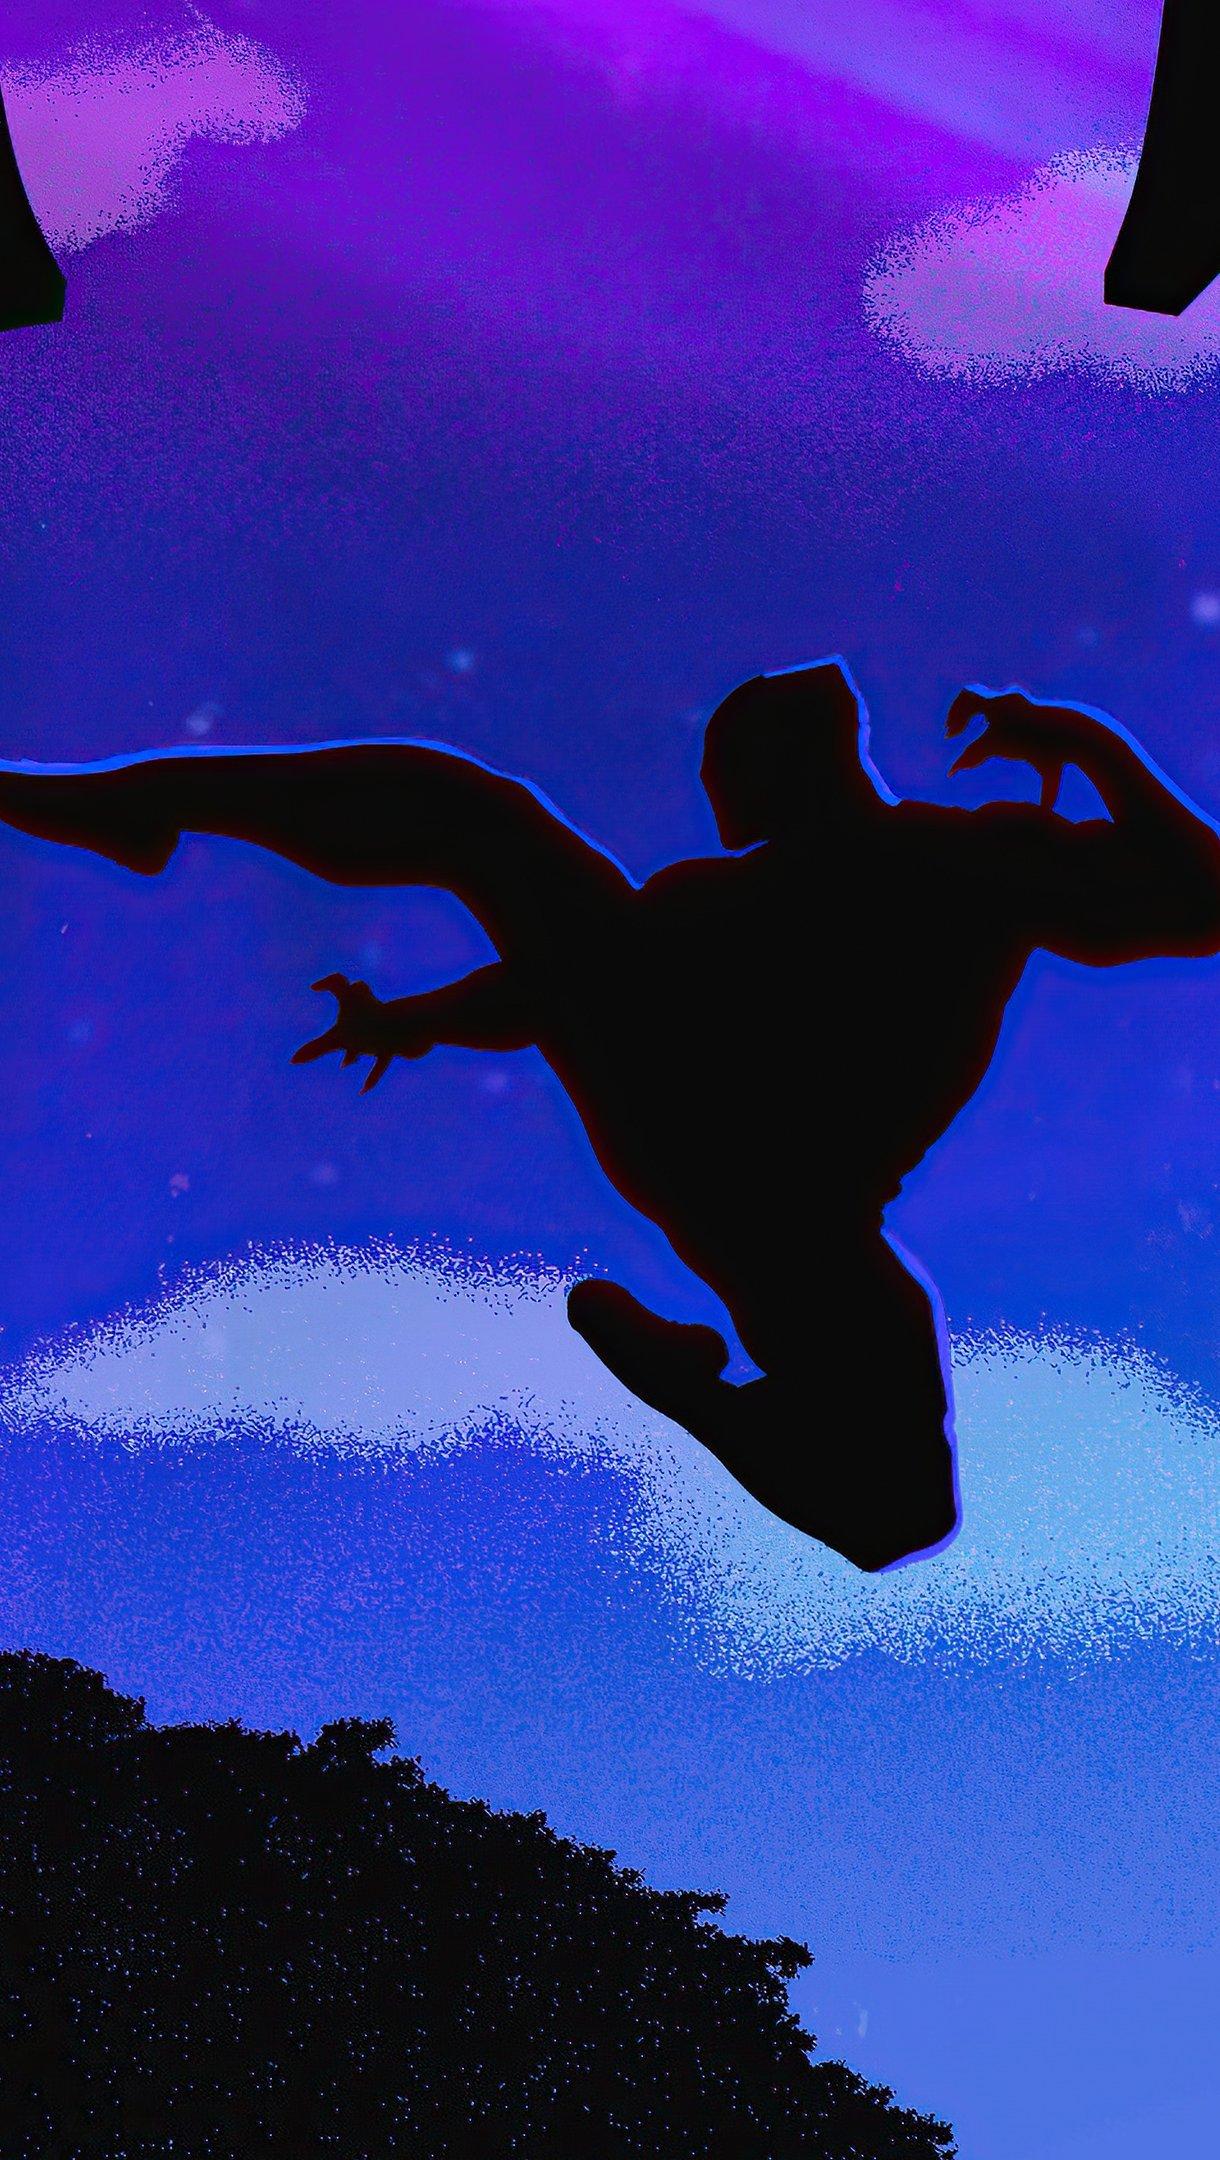 Fondos de pantalla Pantera negra saltando Vertical